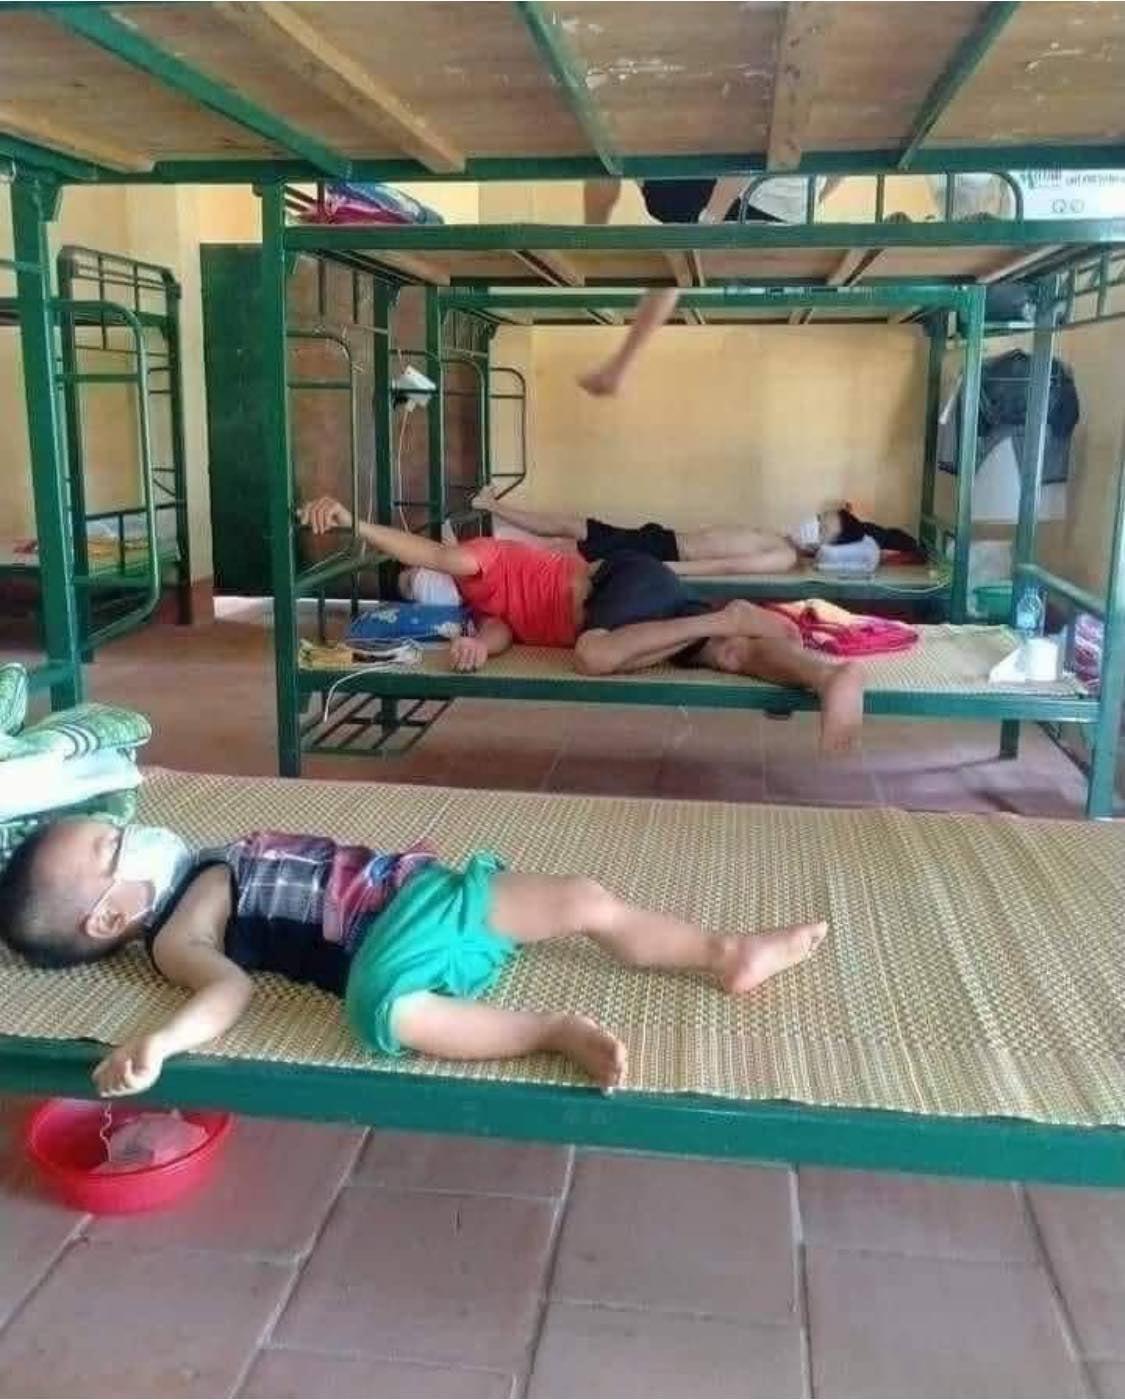 Em bé M. tự ngủ một mình trong khu cách ly. Hình ảnh khiến bất kỳ ai cũng thương xót.